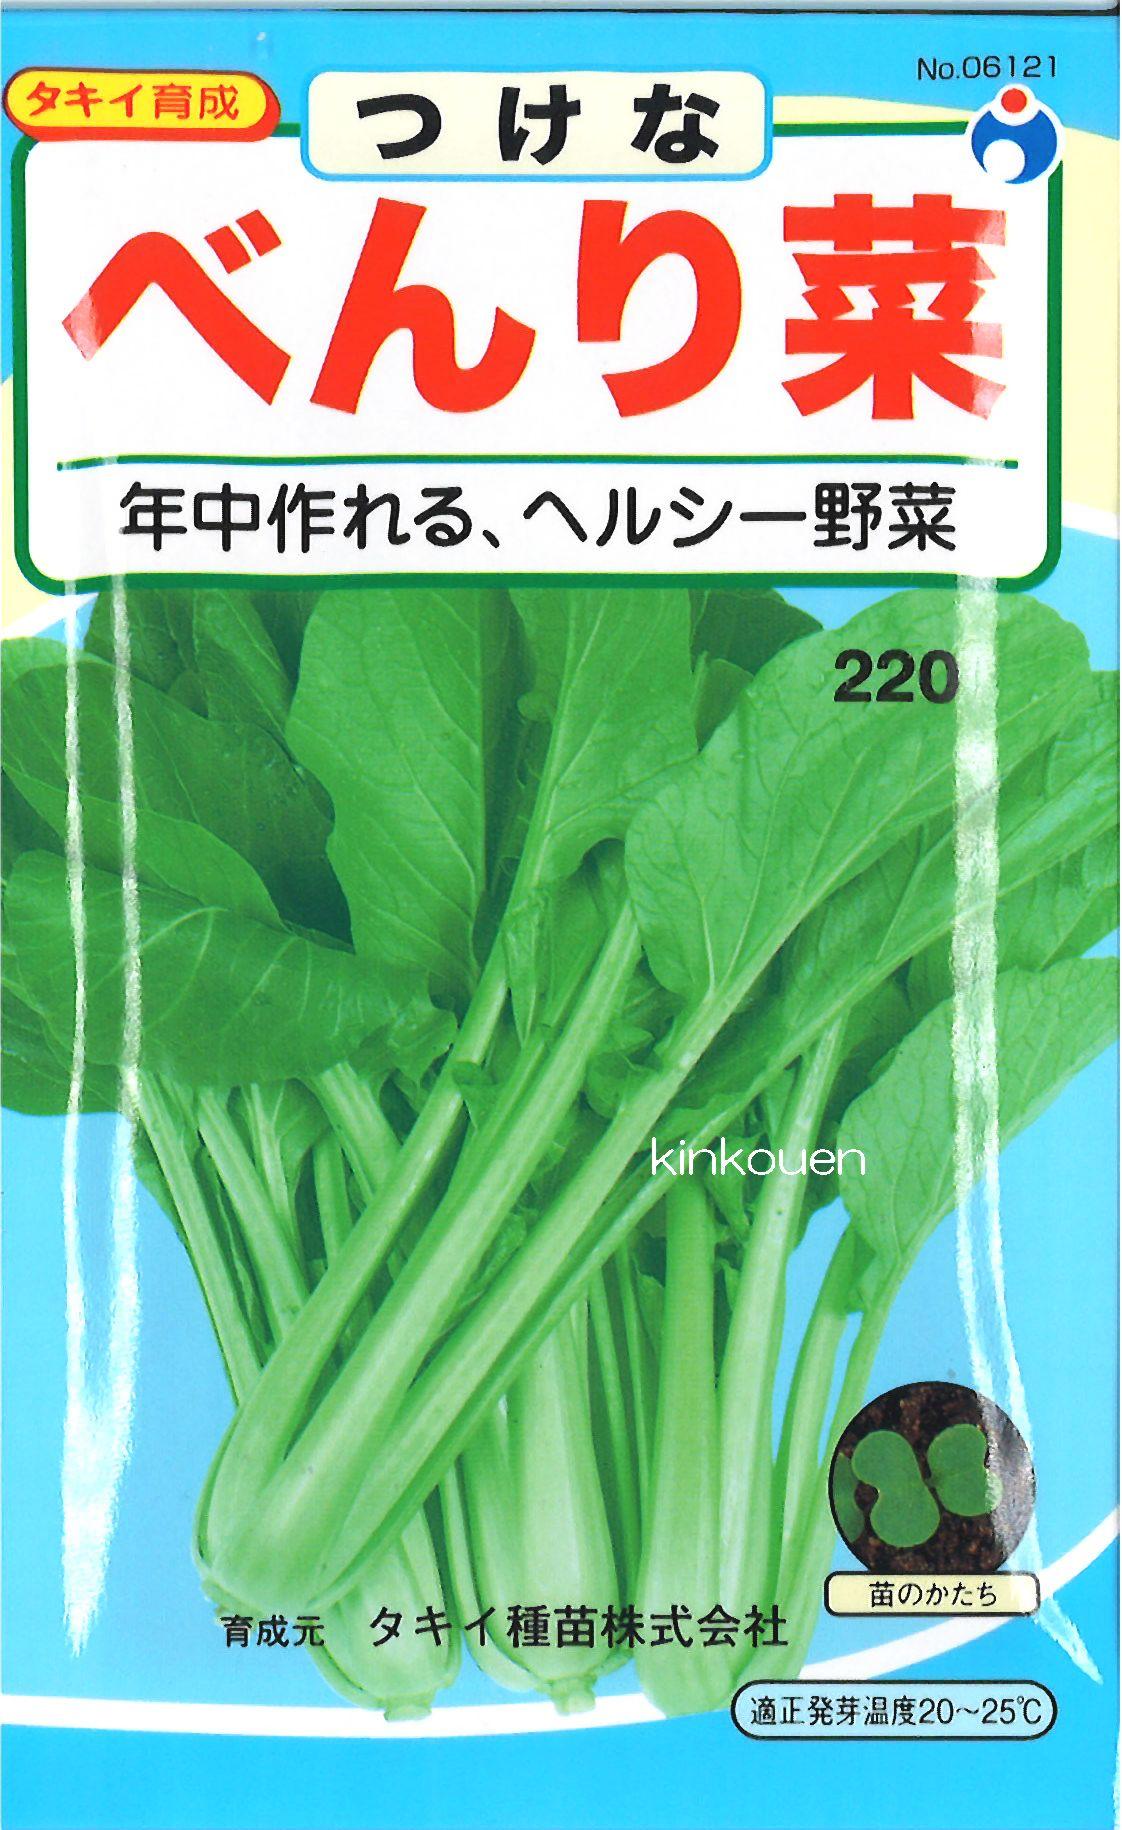 ≪代引不可≫≪5袋まで送料80円≫ □ツケナべんり菜